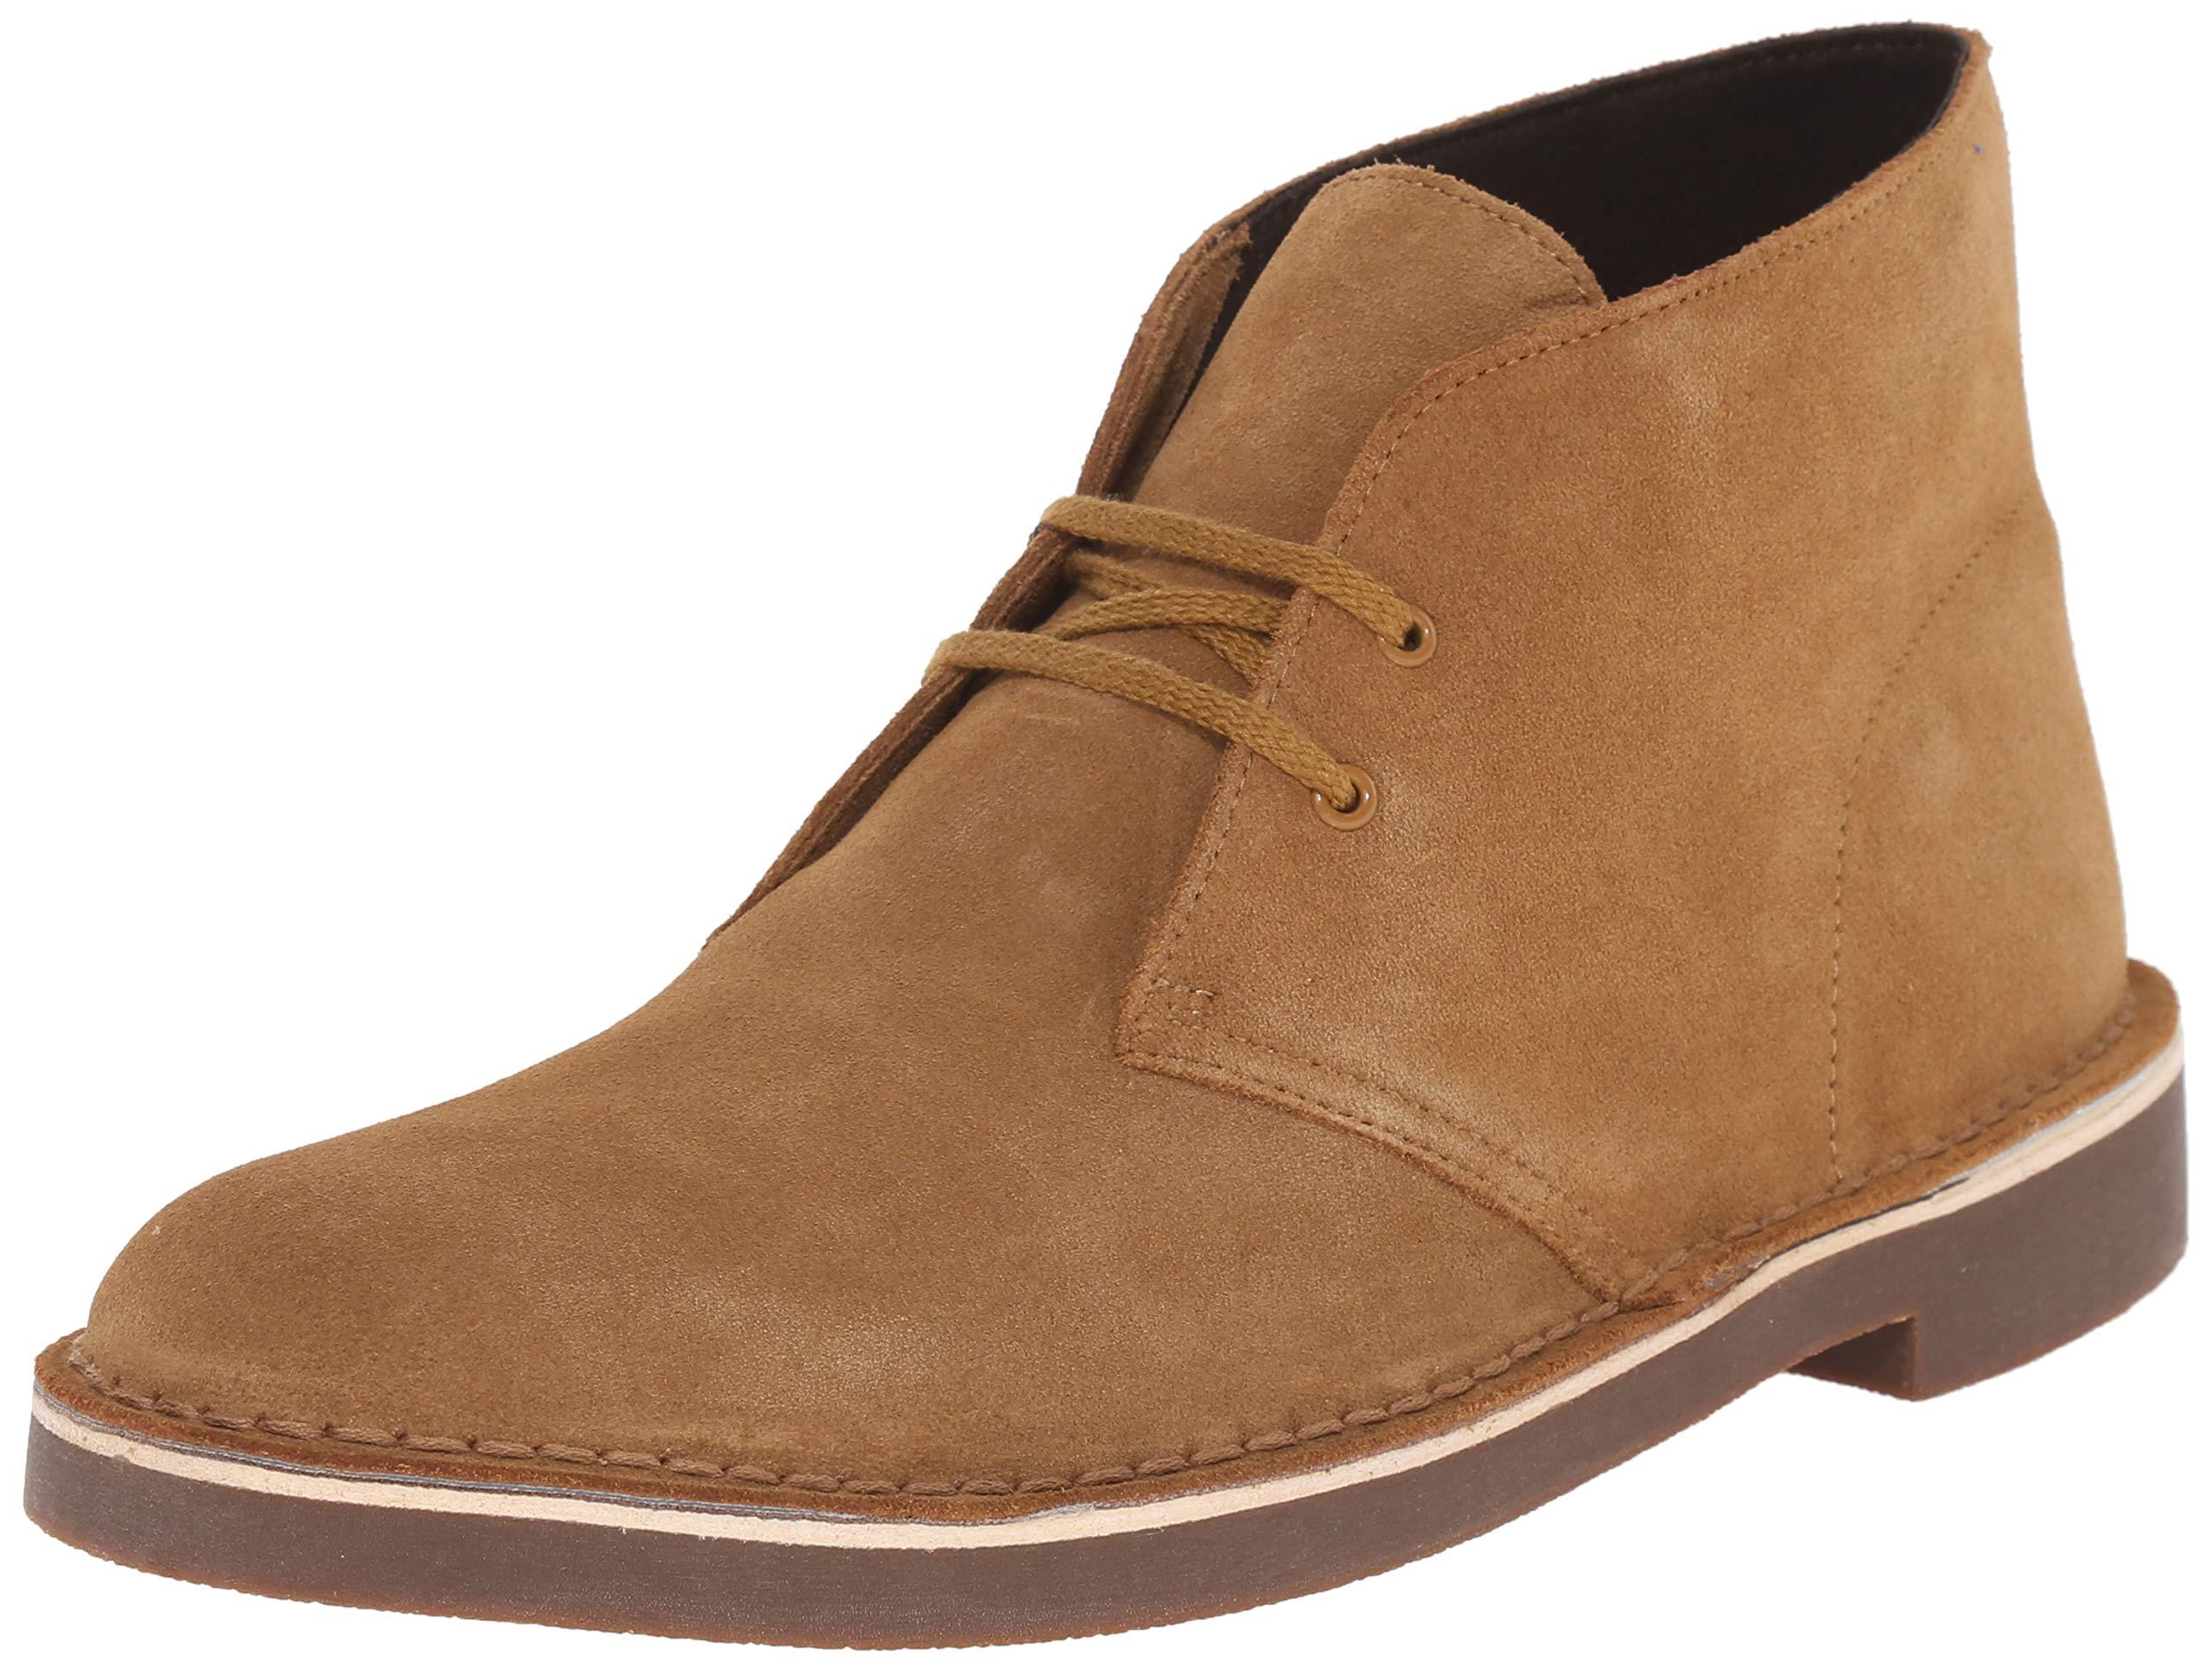 Clarks Men's Bushacre 2 Chukka Boot 1